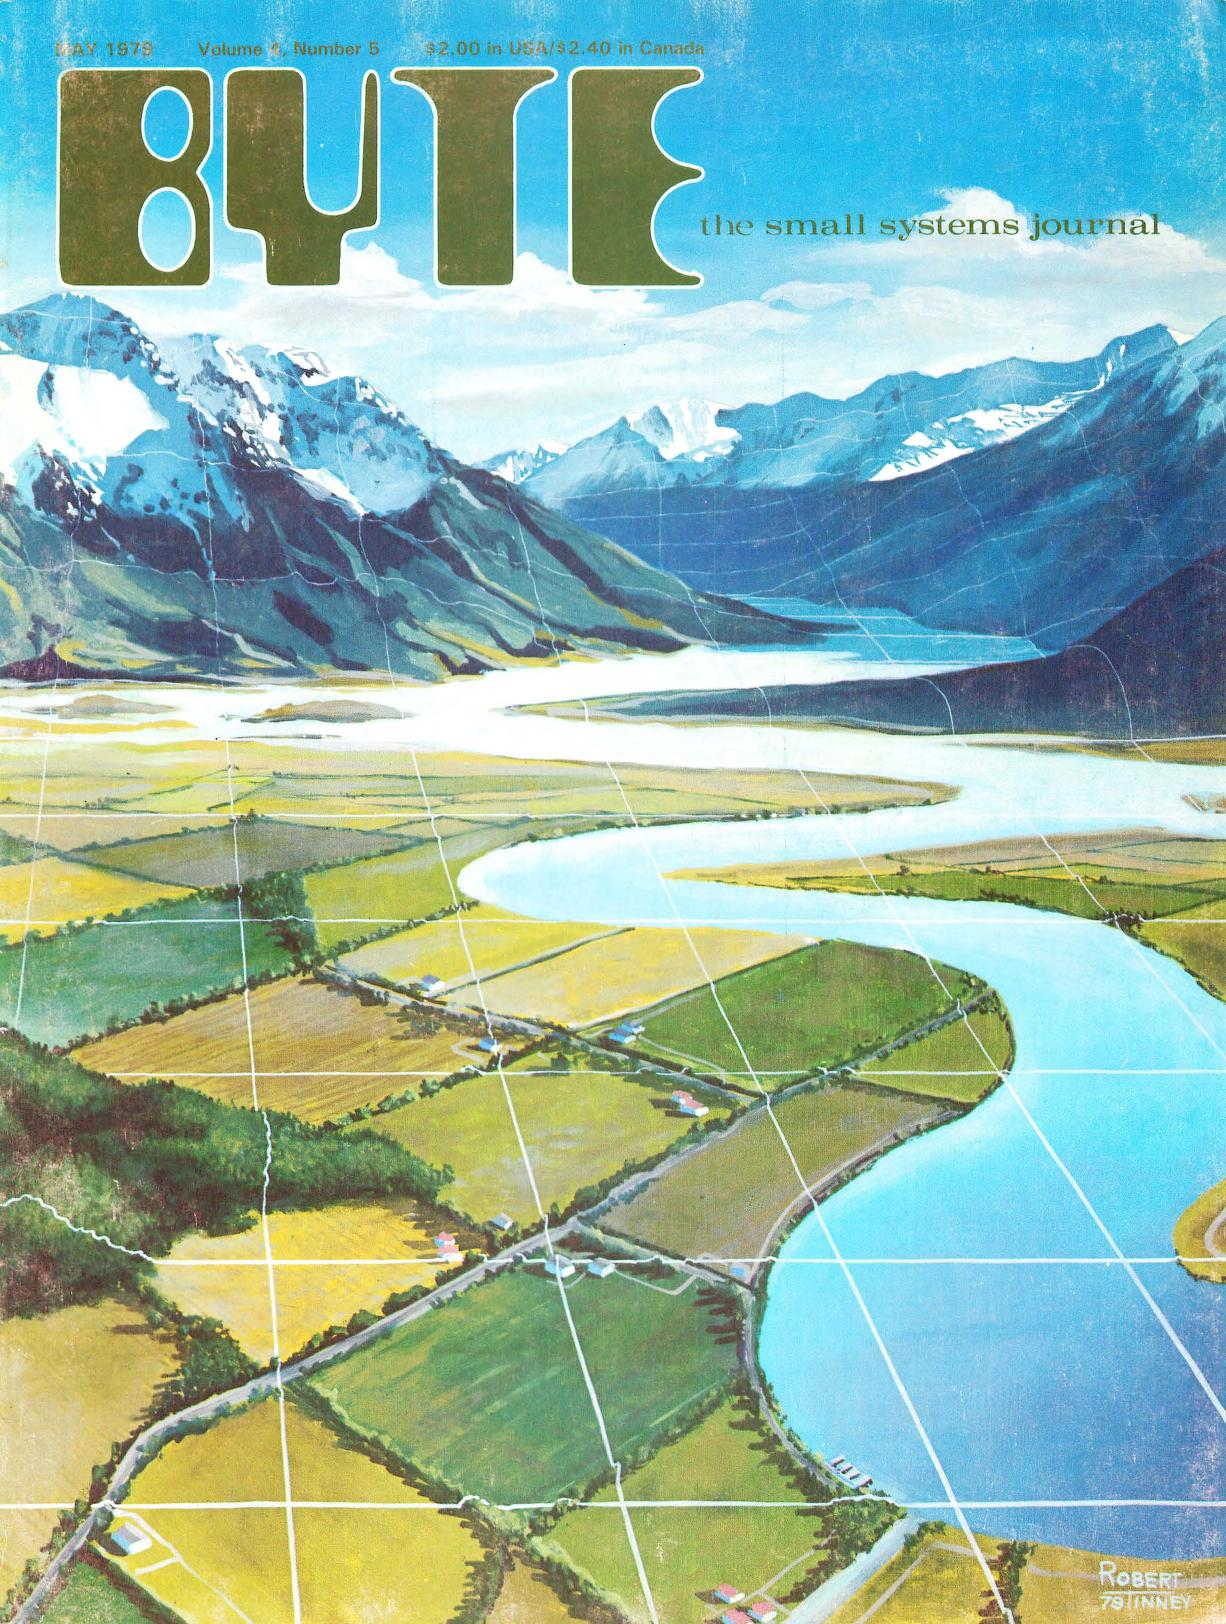 Mai 1979. Malt av Robert Tinney. Dette nummeret har blant annet artikler om kartografi og hvordan datamaskiner kan representere tredimensjonale objekter.